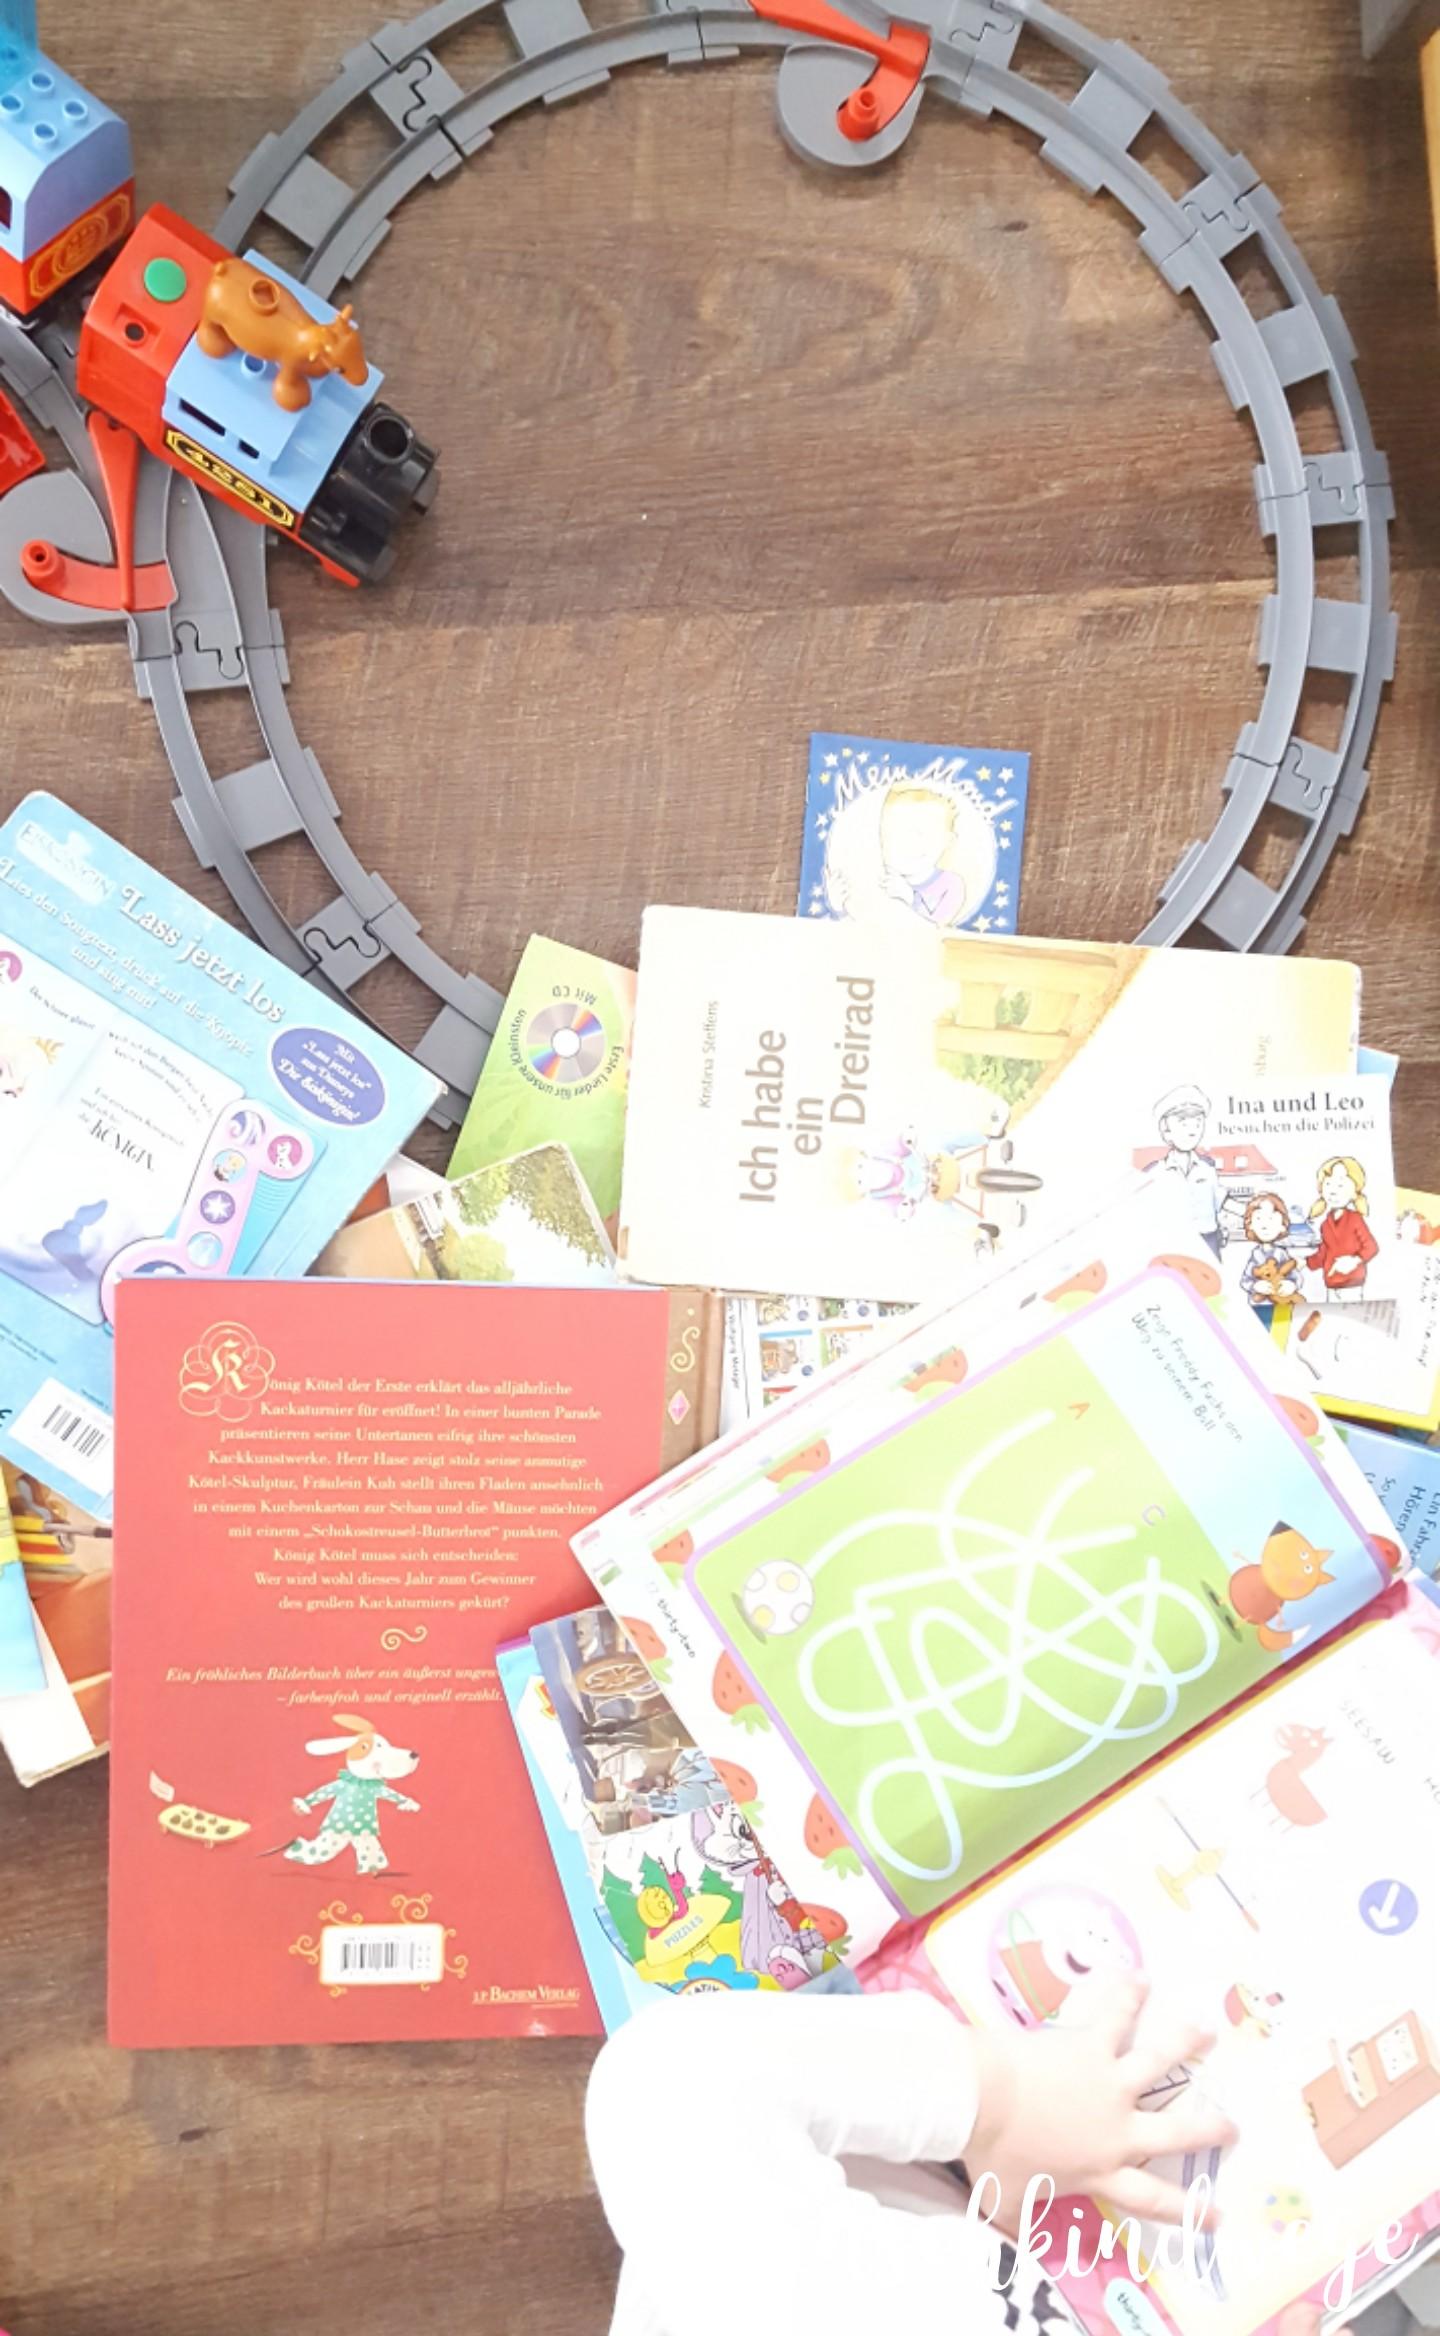 Silvesterwochenende Bücherschrank ausräumen